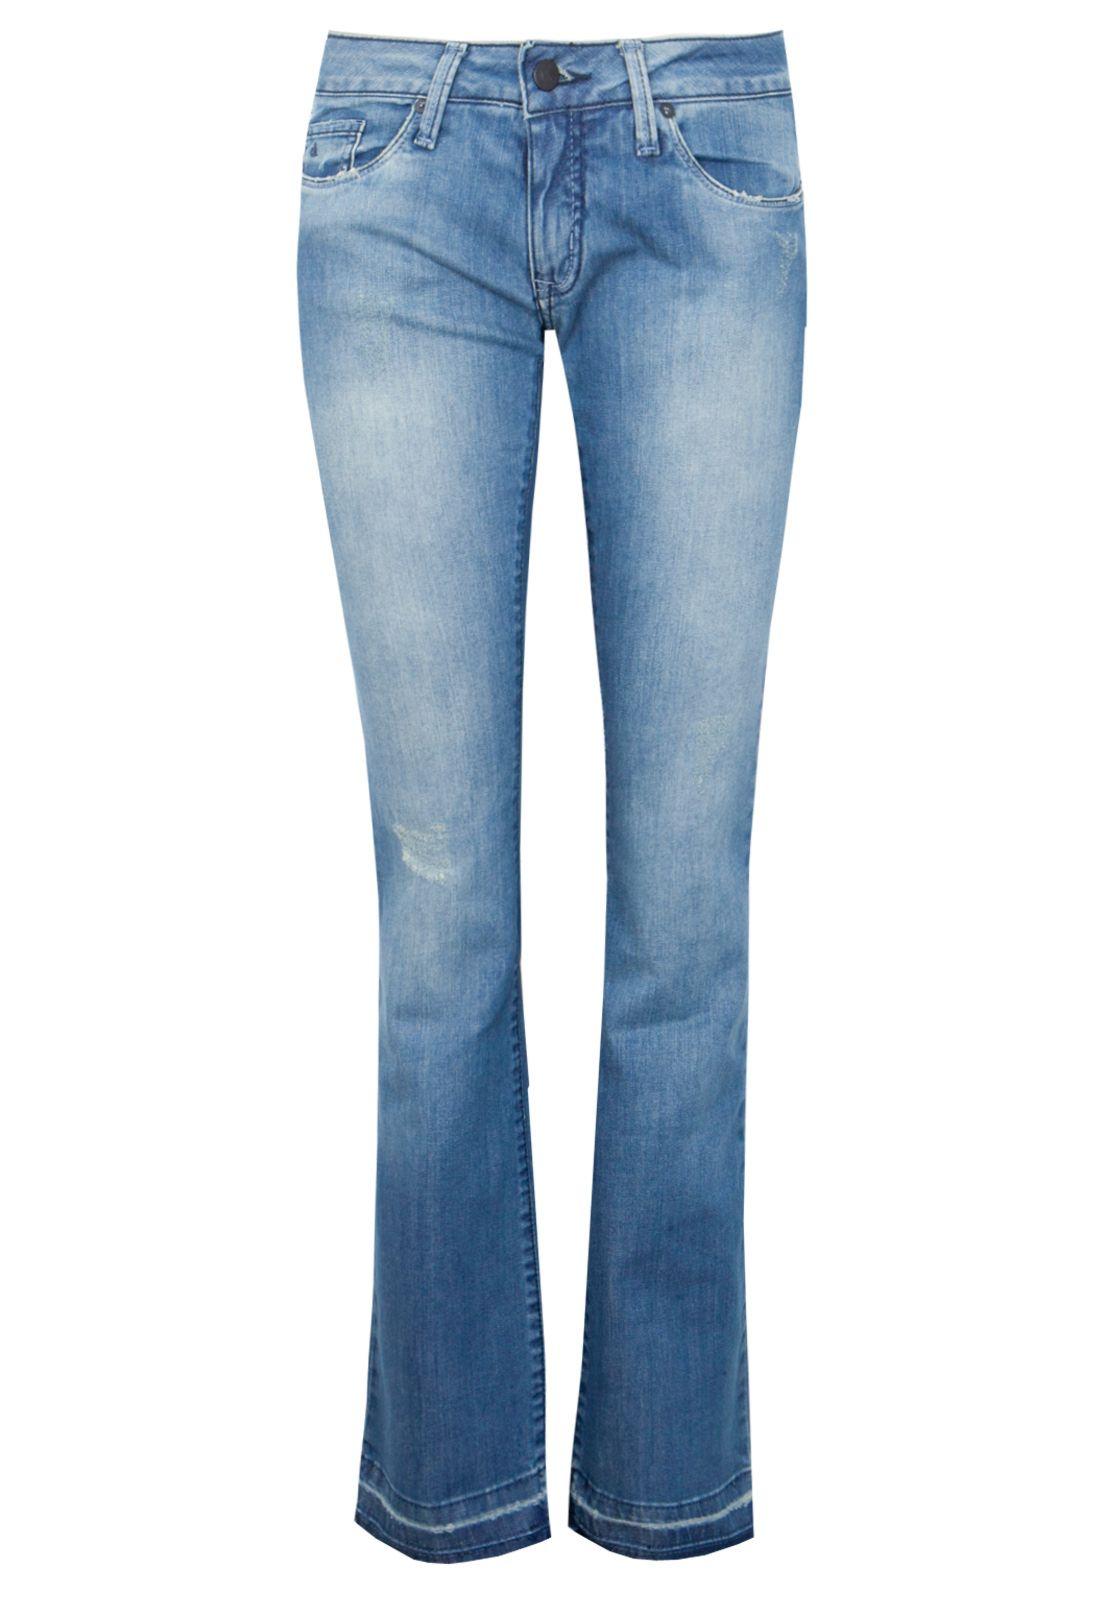 2f0dabb89 Calça Jeans Calvin Klein Jeans Bootcut Unique Azul - Compre Agora | Dafiti  Brasil